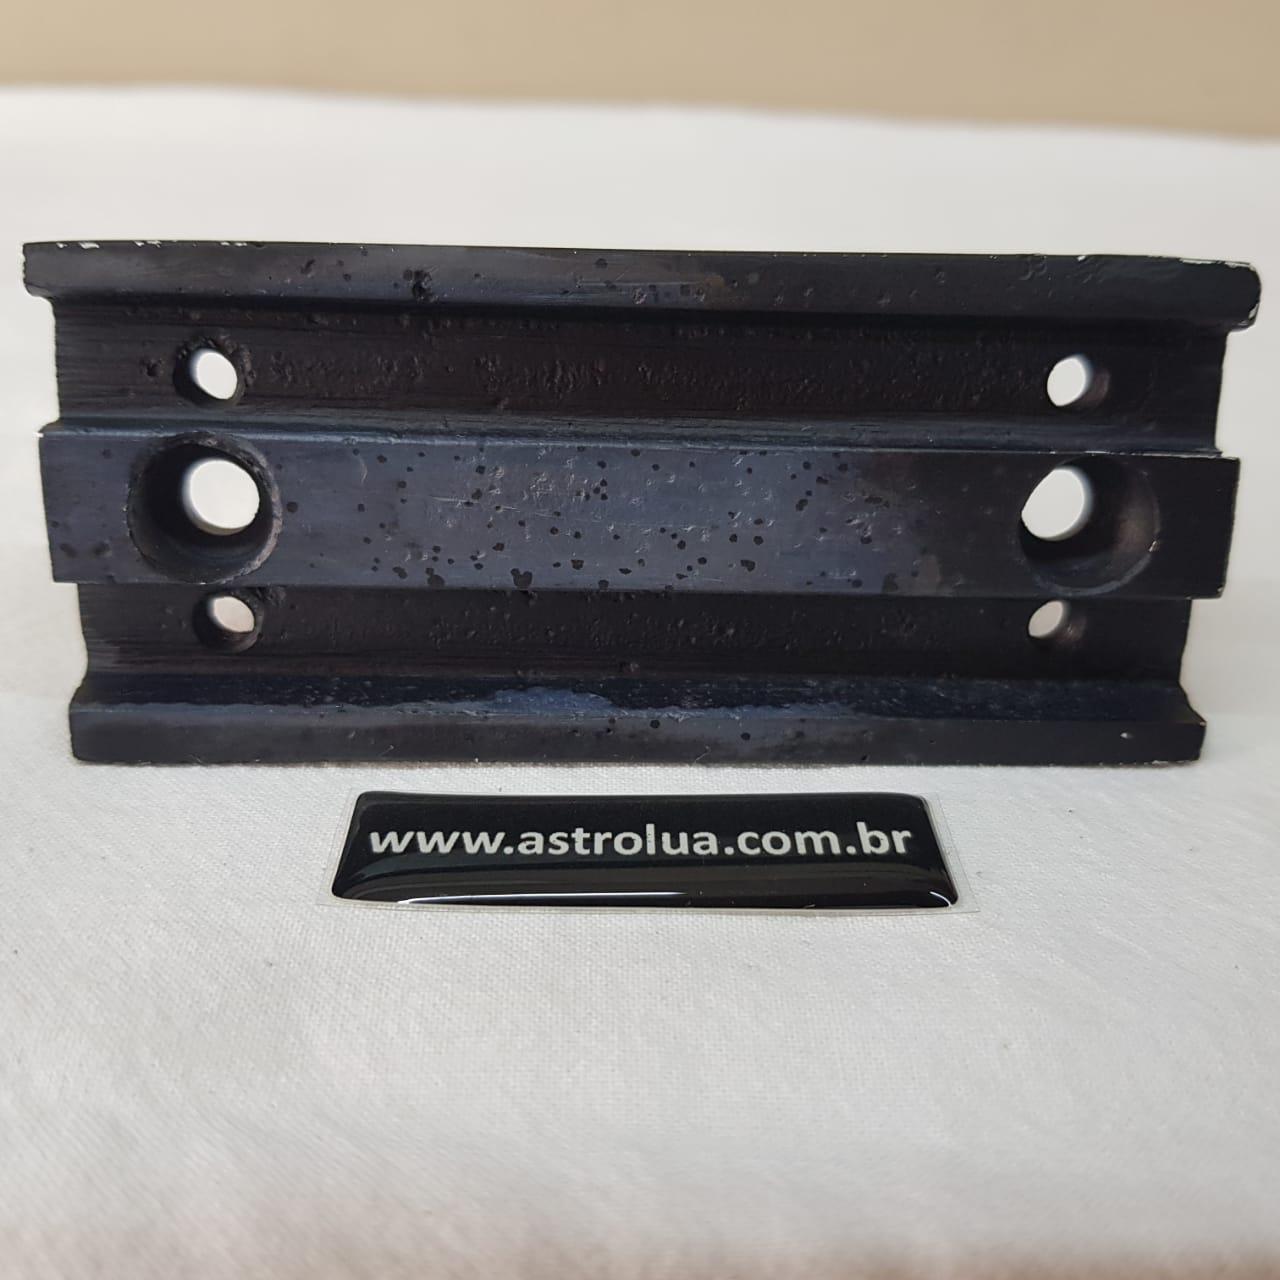 Dovetail Alumínio Fundido 100mm - Vixen  (95g) ASTROLUA